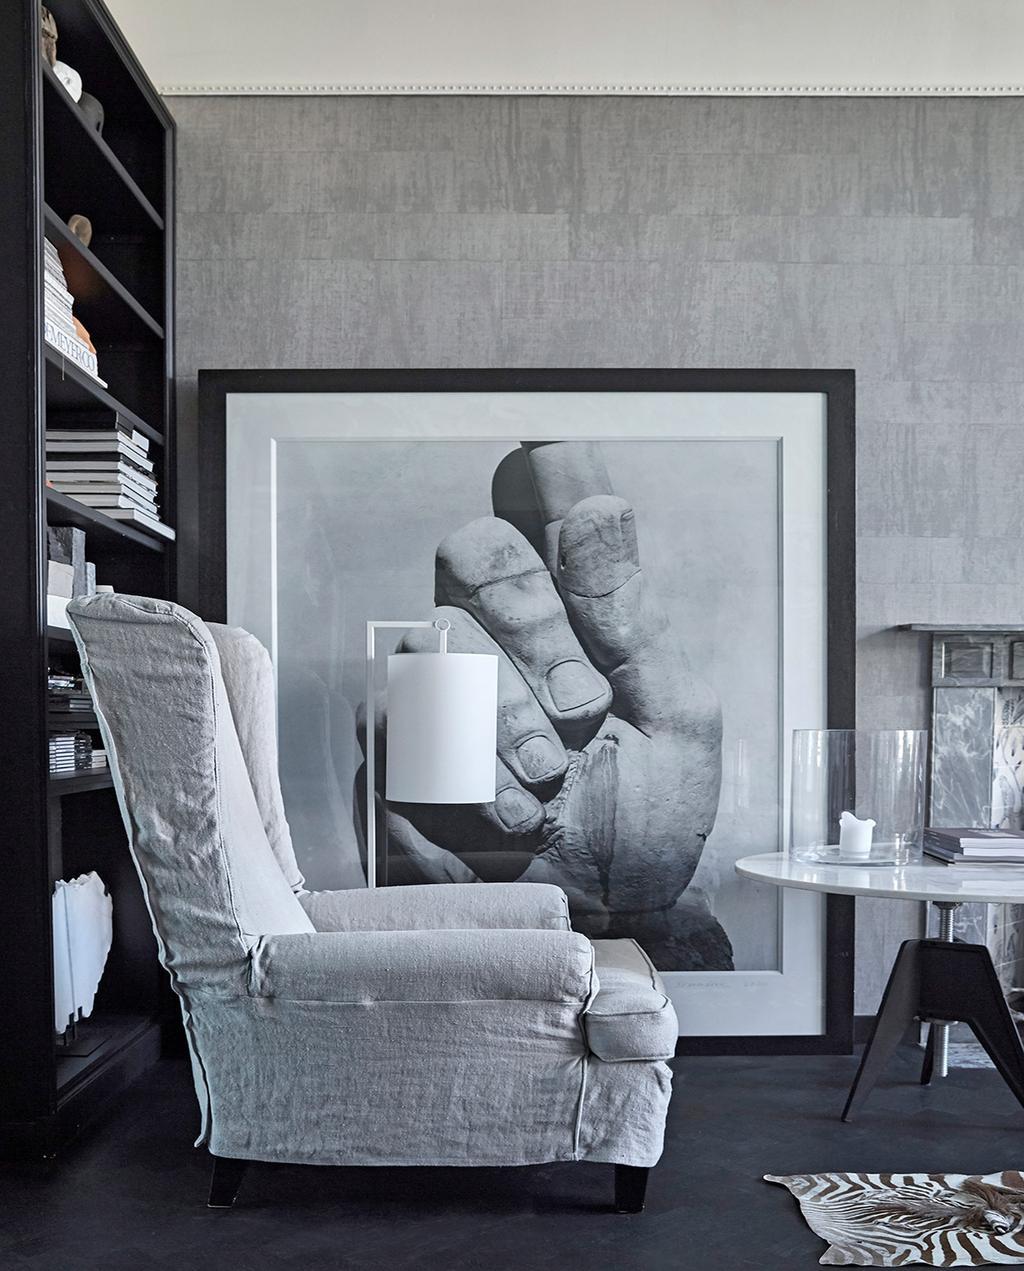 vtwonen 02-2021 | binnenkijken Harlingen witte fauteuil met grote foto van hand op achtergrond